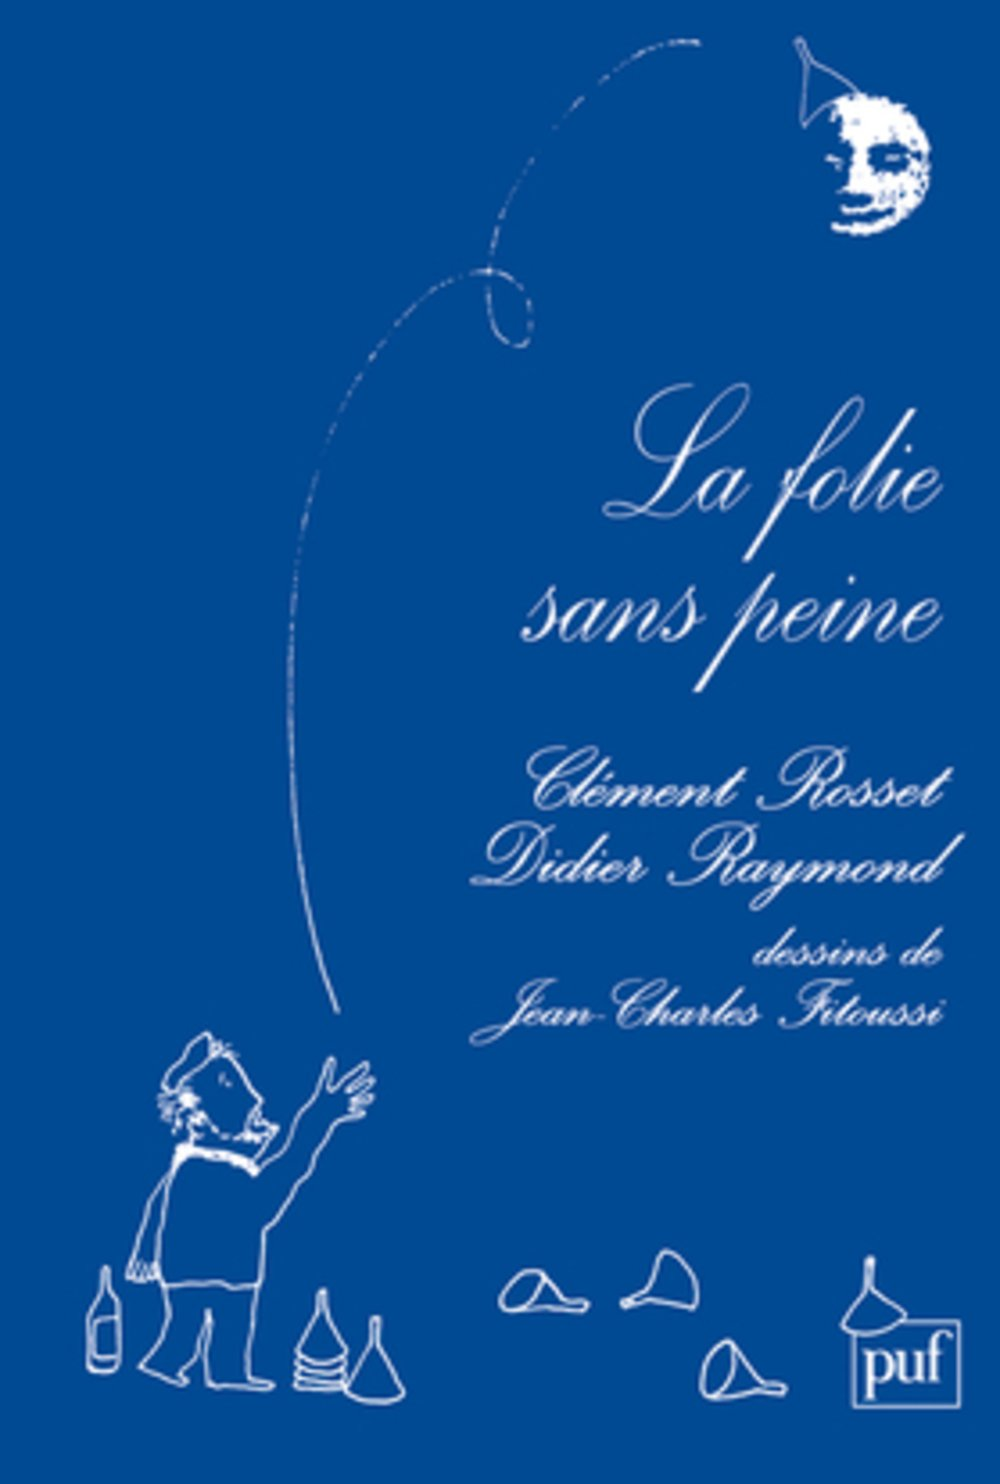 La Folie sans peine - Clément Rosset